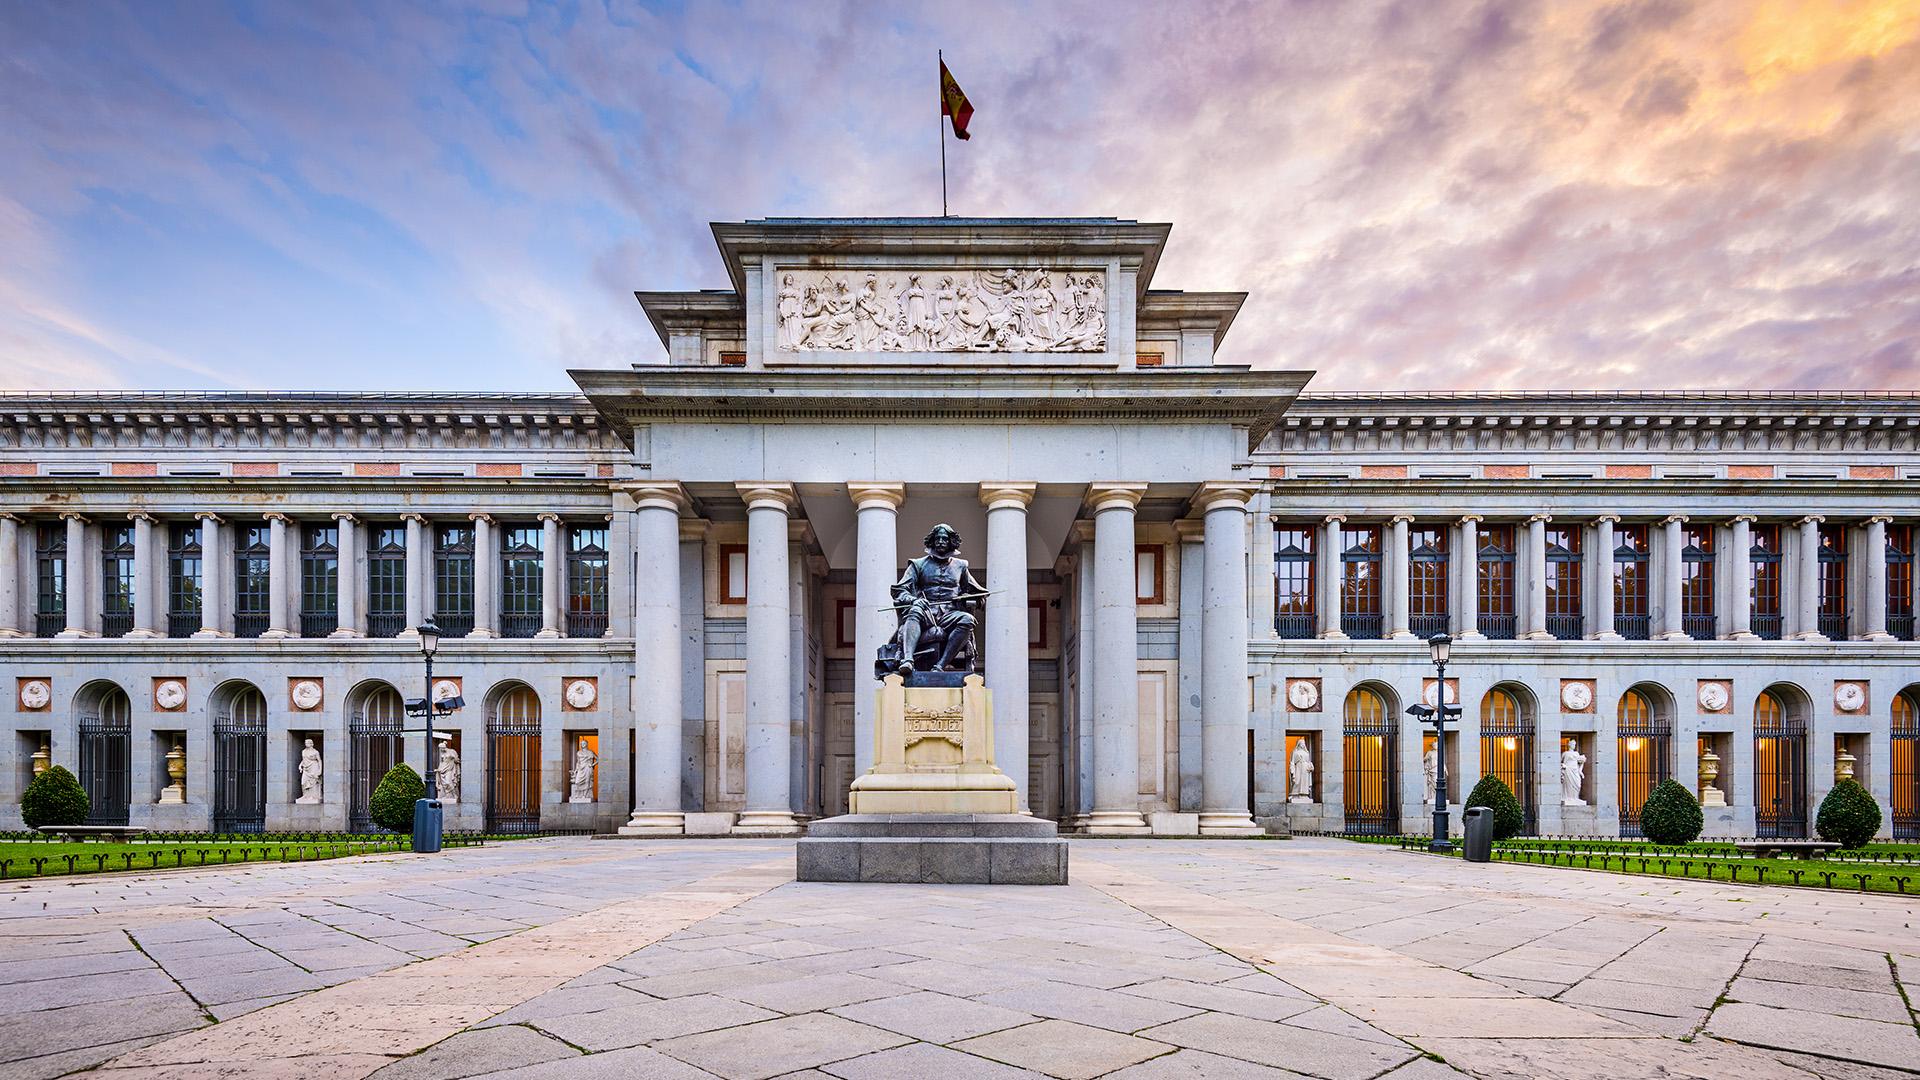 Bảo Tàng Prado Tại Madrid, Tây Ban Nha